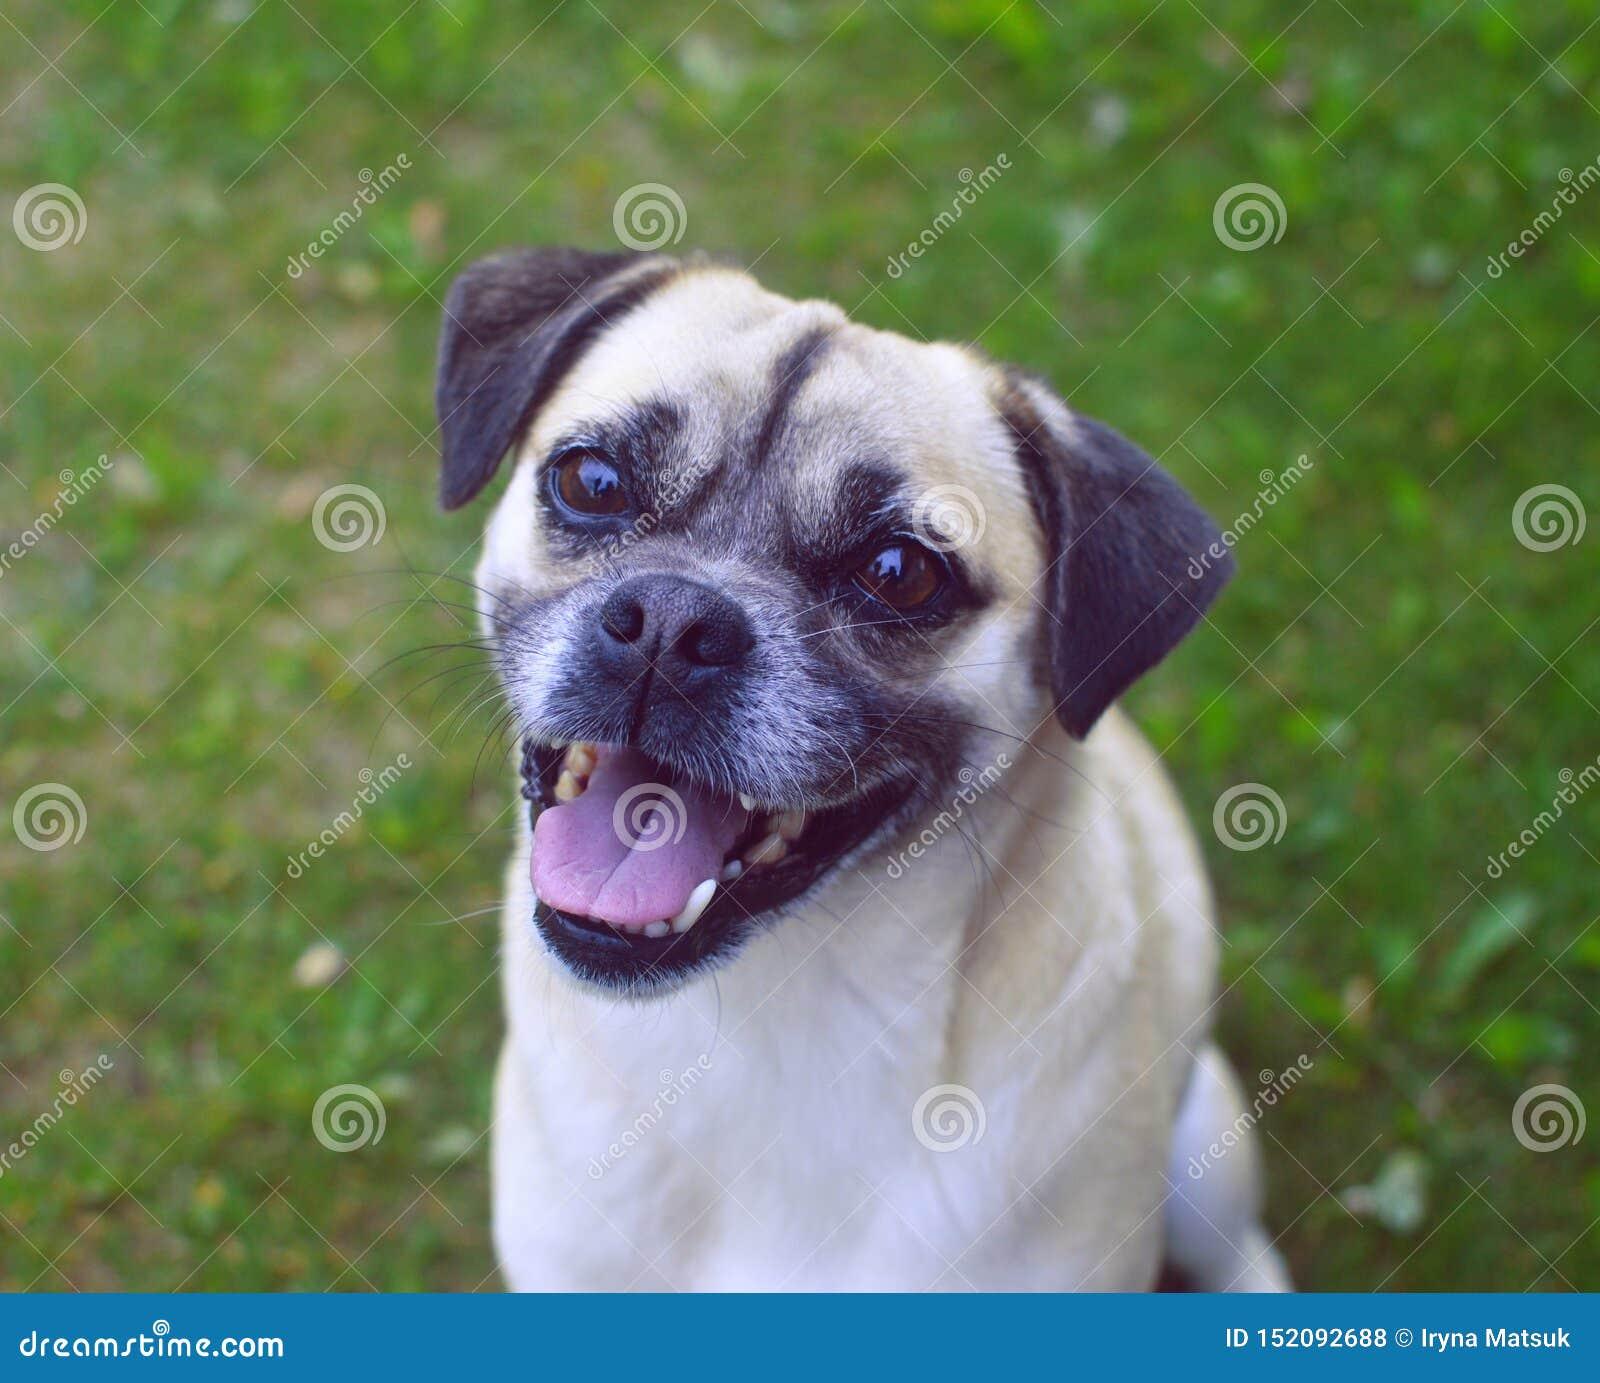 Pug leuke glimlachen aan een mens met een camera